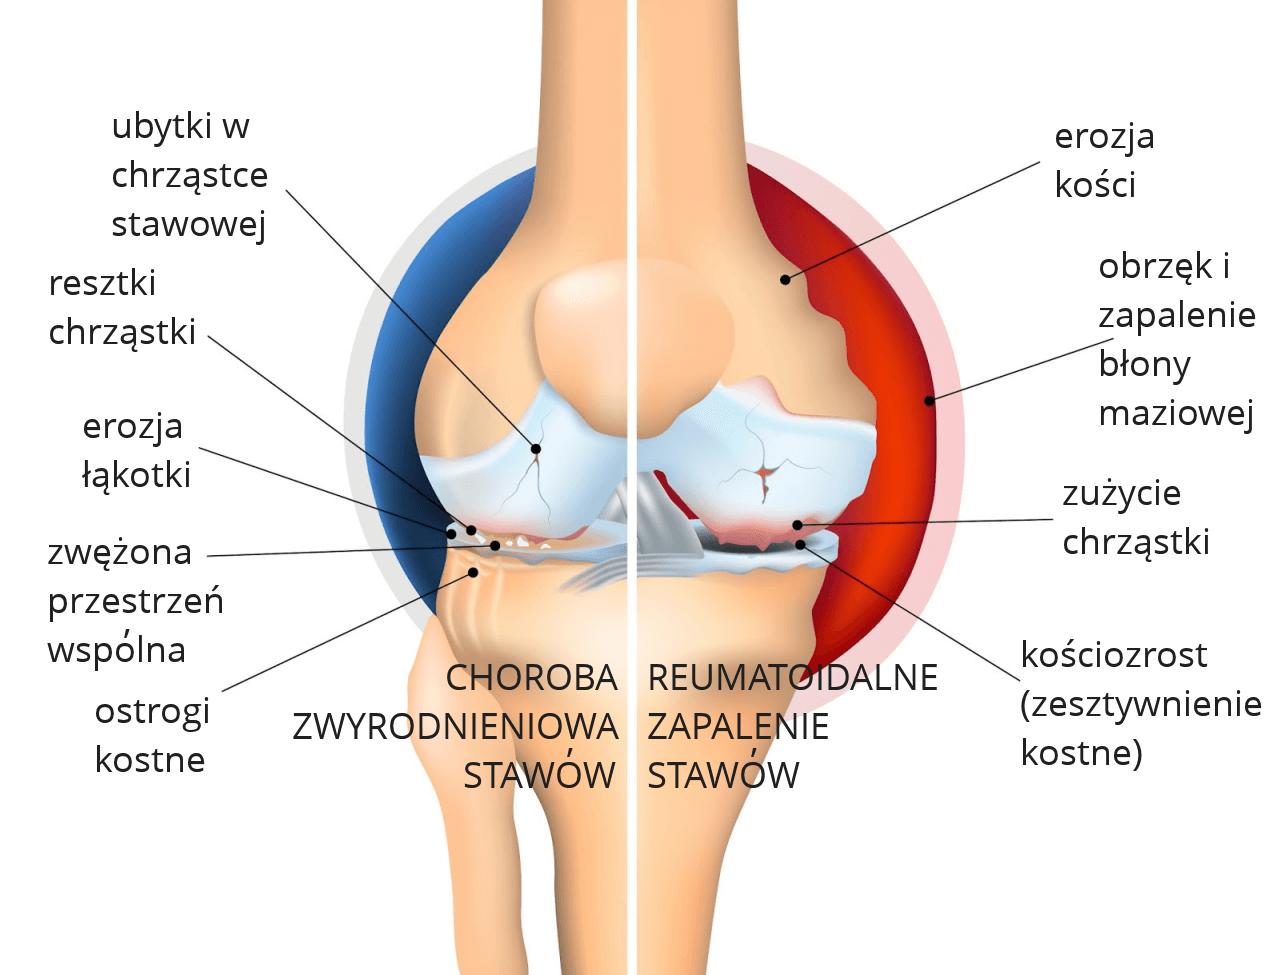 Zapalenie stawów - zwyrodnieniowe i reumatoidalne